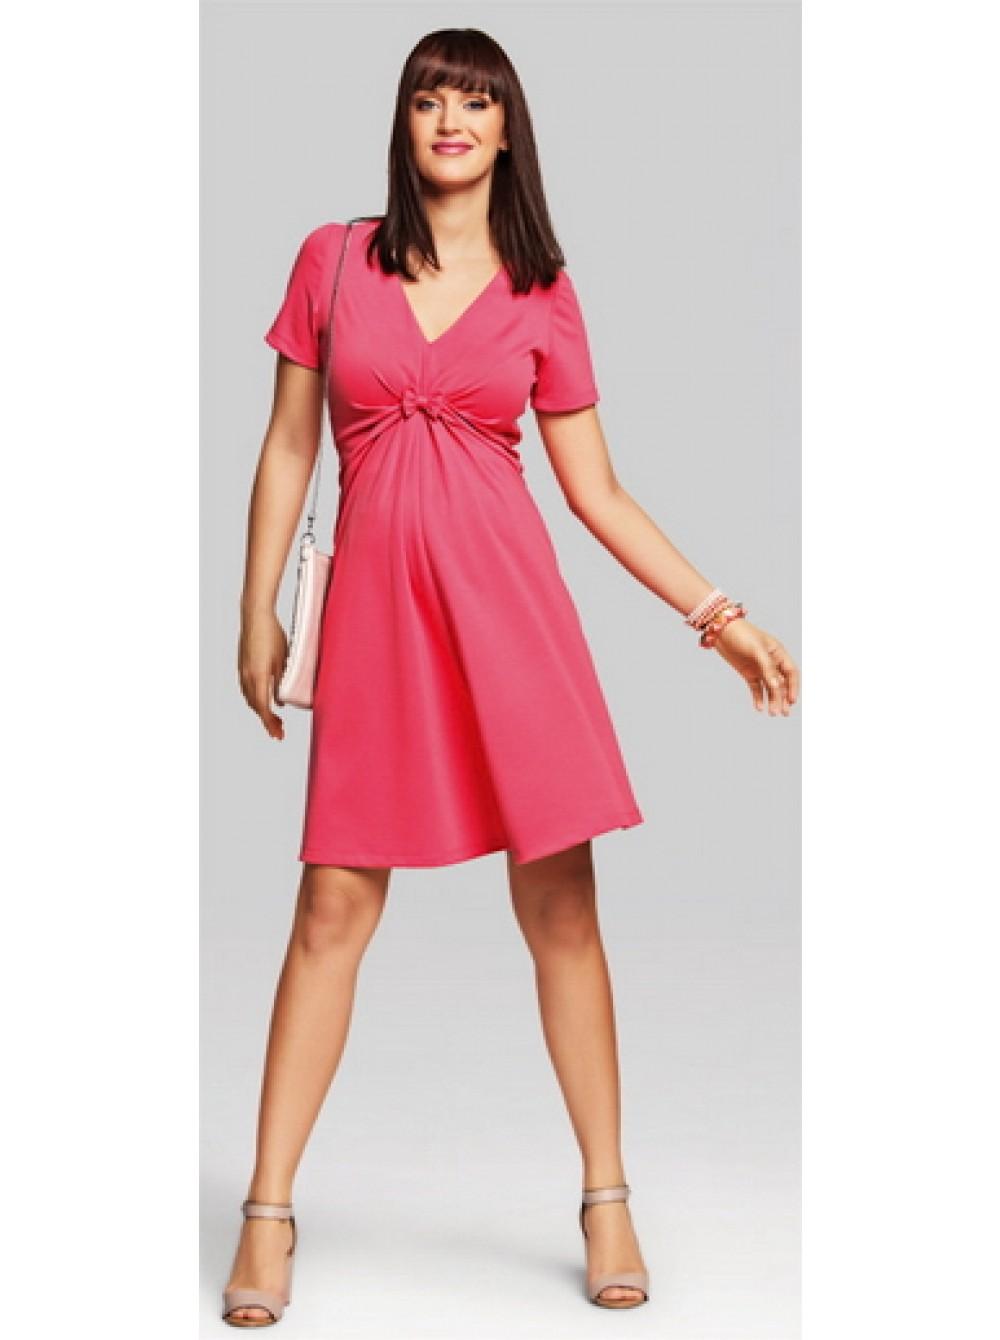 008d2be4931 9Kuud - Rasedate kleit Messy - rasedate riided & pesud rasedatele